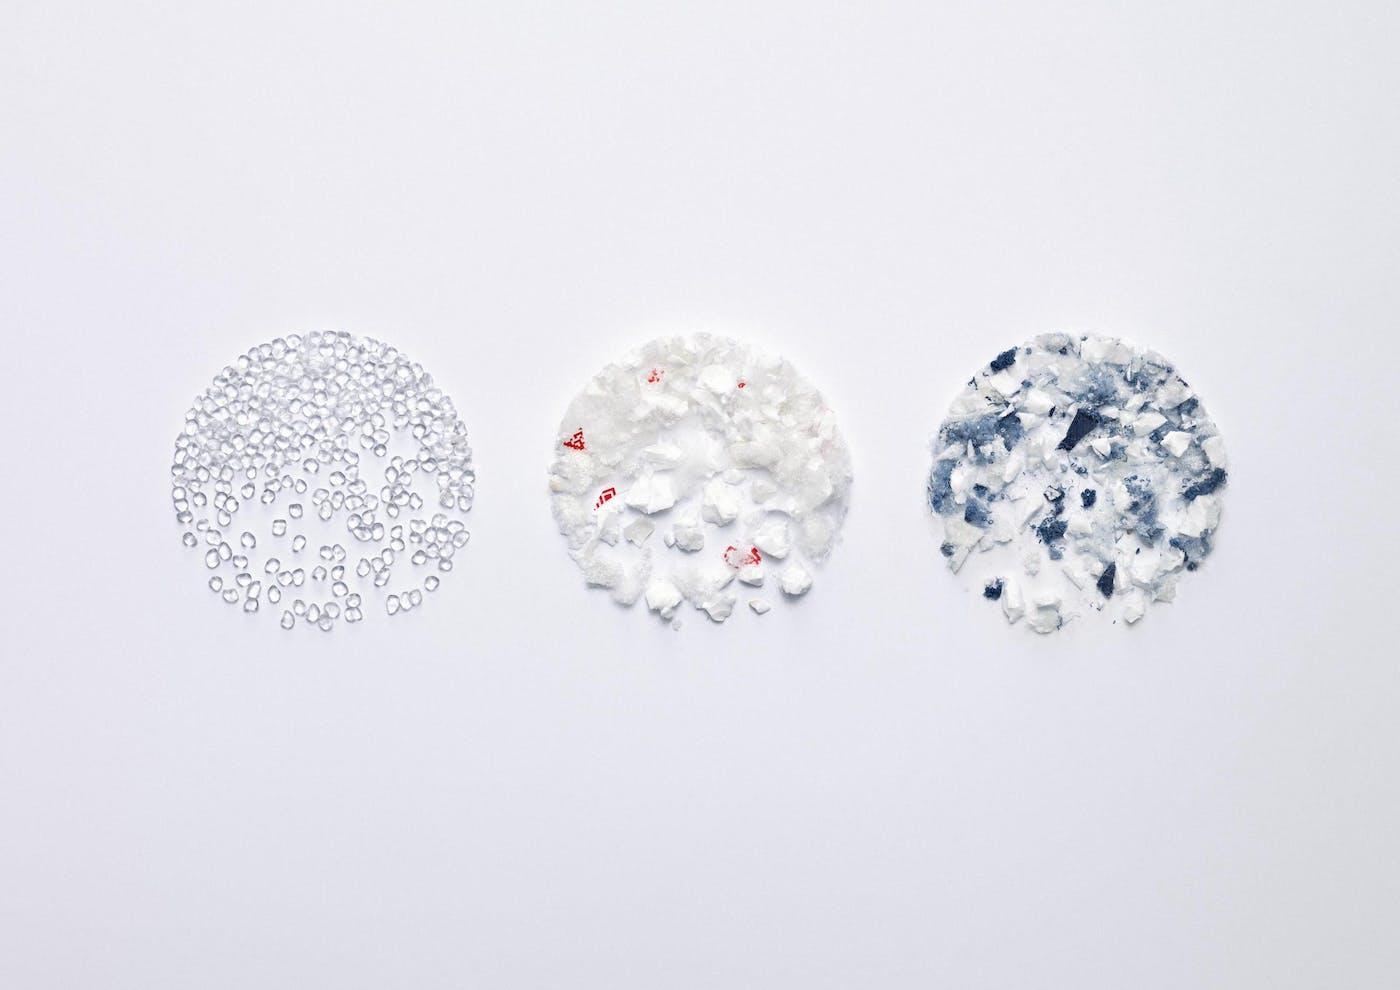 Materials in three circular shapes